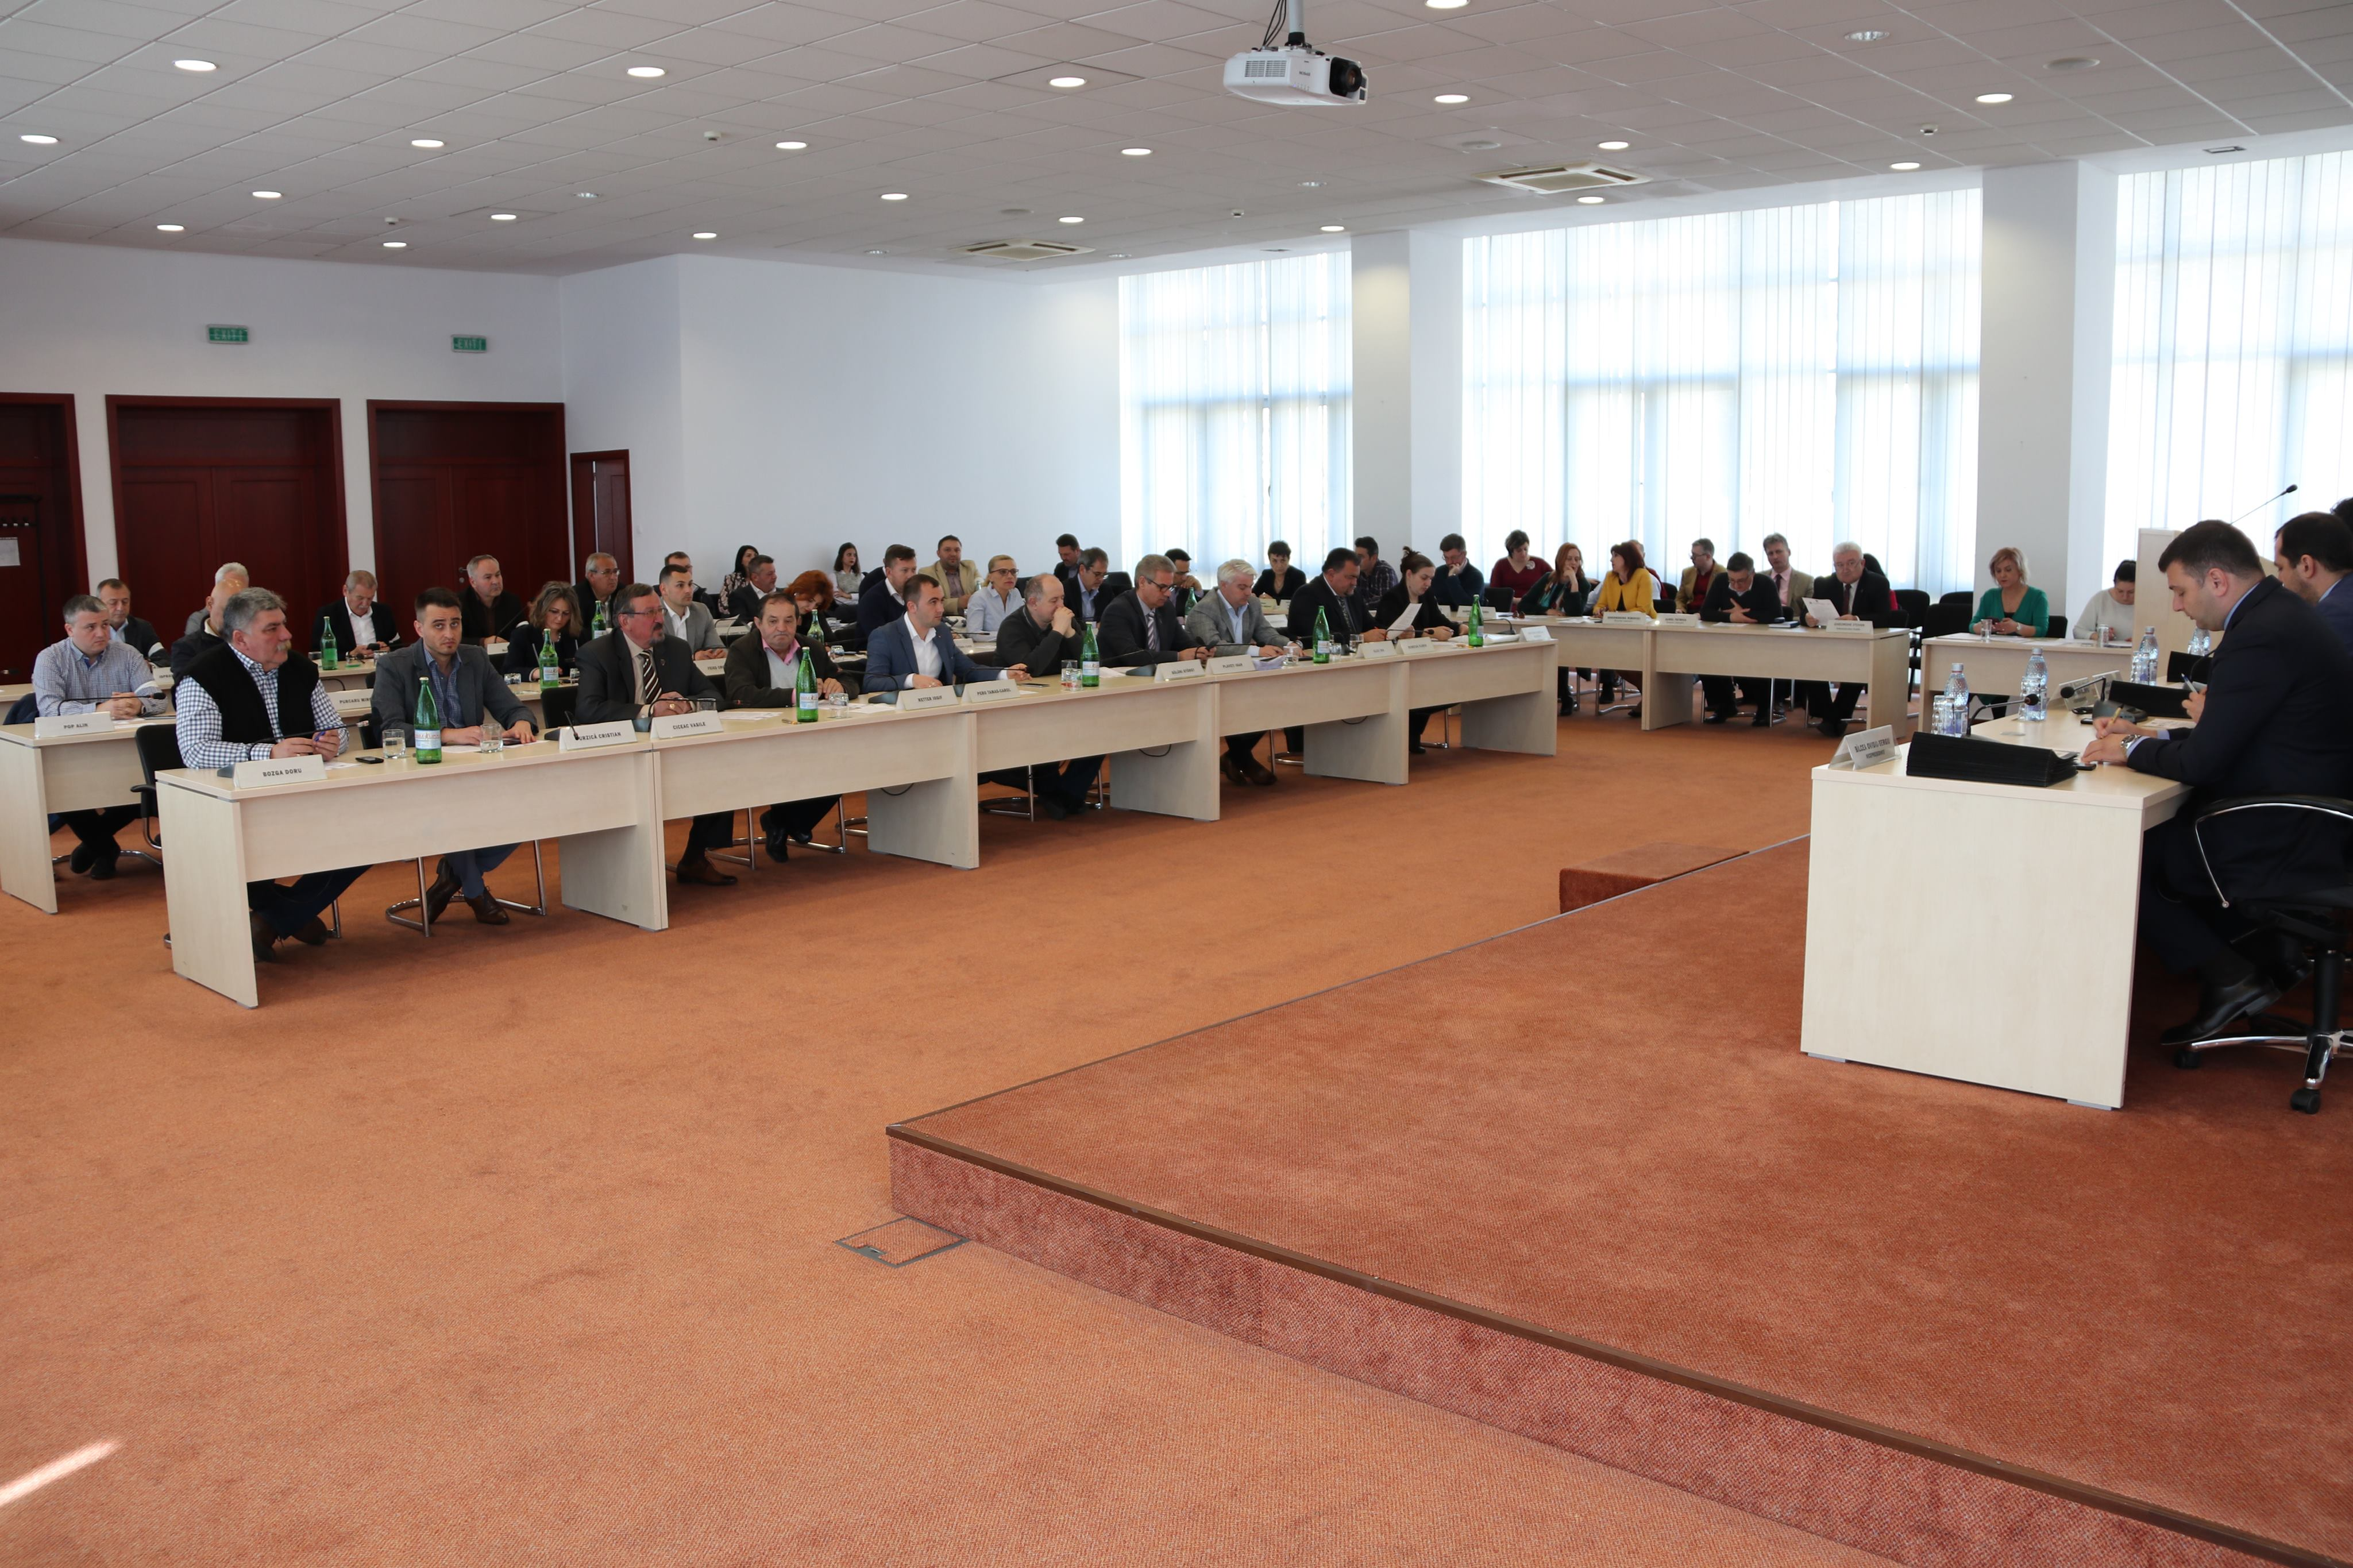 Consilierul județean Cristian – Ioan Salaşan a fost desemnat prin votul CJ membru în Consiliul de Administraţie al Complexului Muzeal Arad